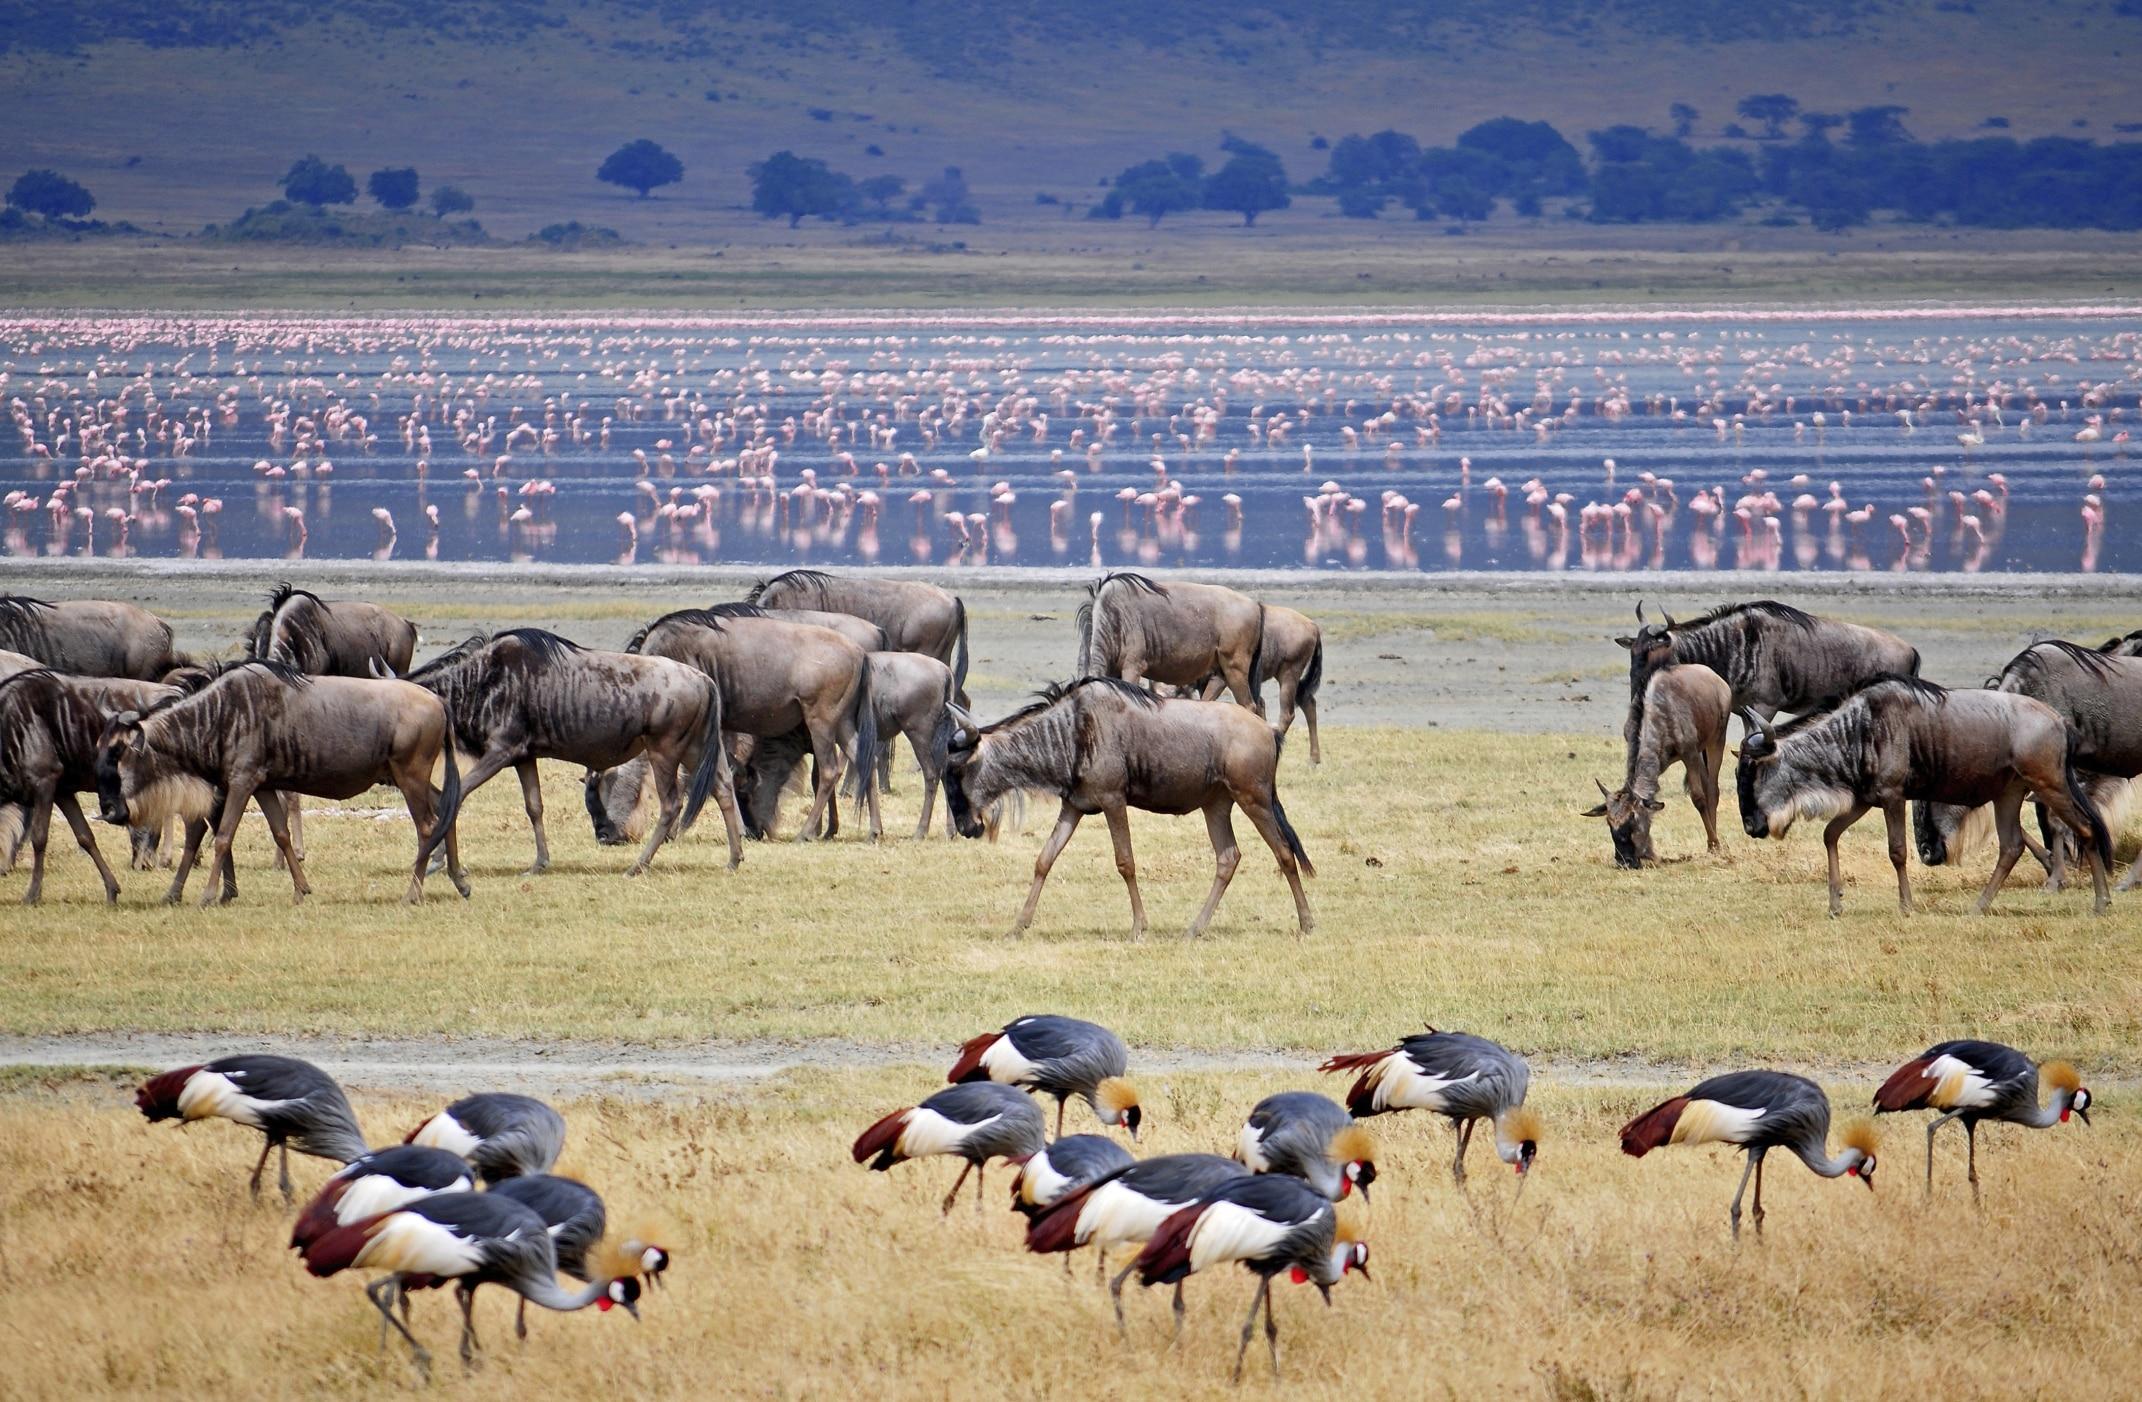 Reiseberichte- Tansania - Erfahrungsberichte - Safari Tipps und Urlaubsberichte - Tanzania